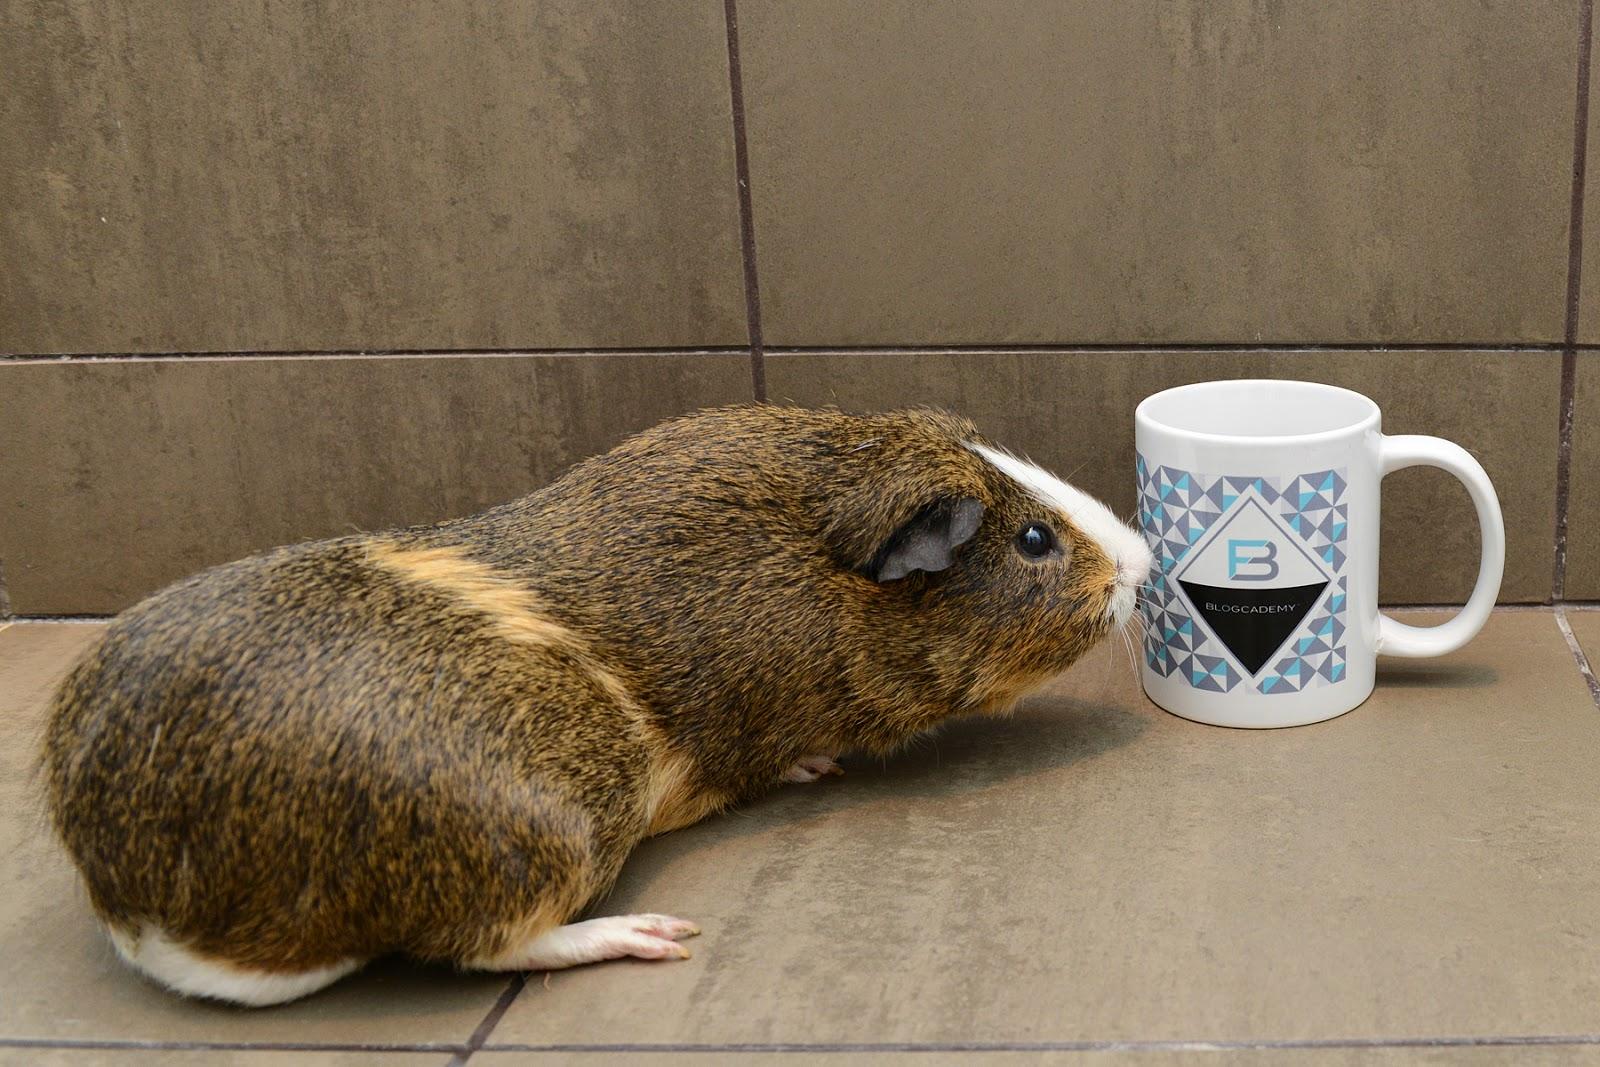 guinea pig blogcademy blogging